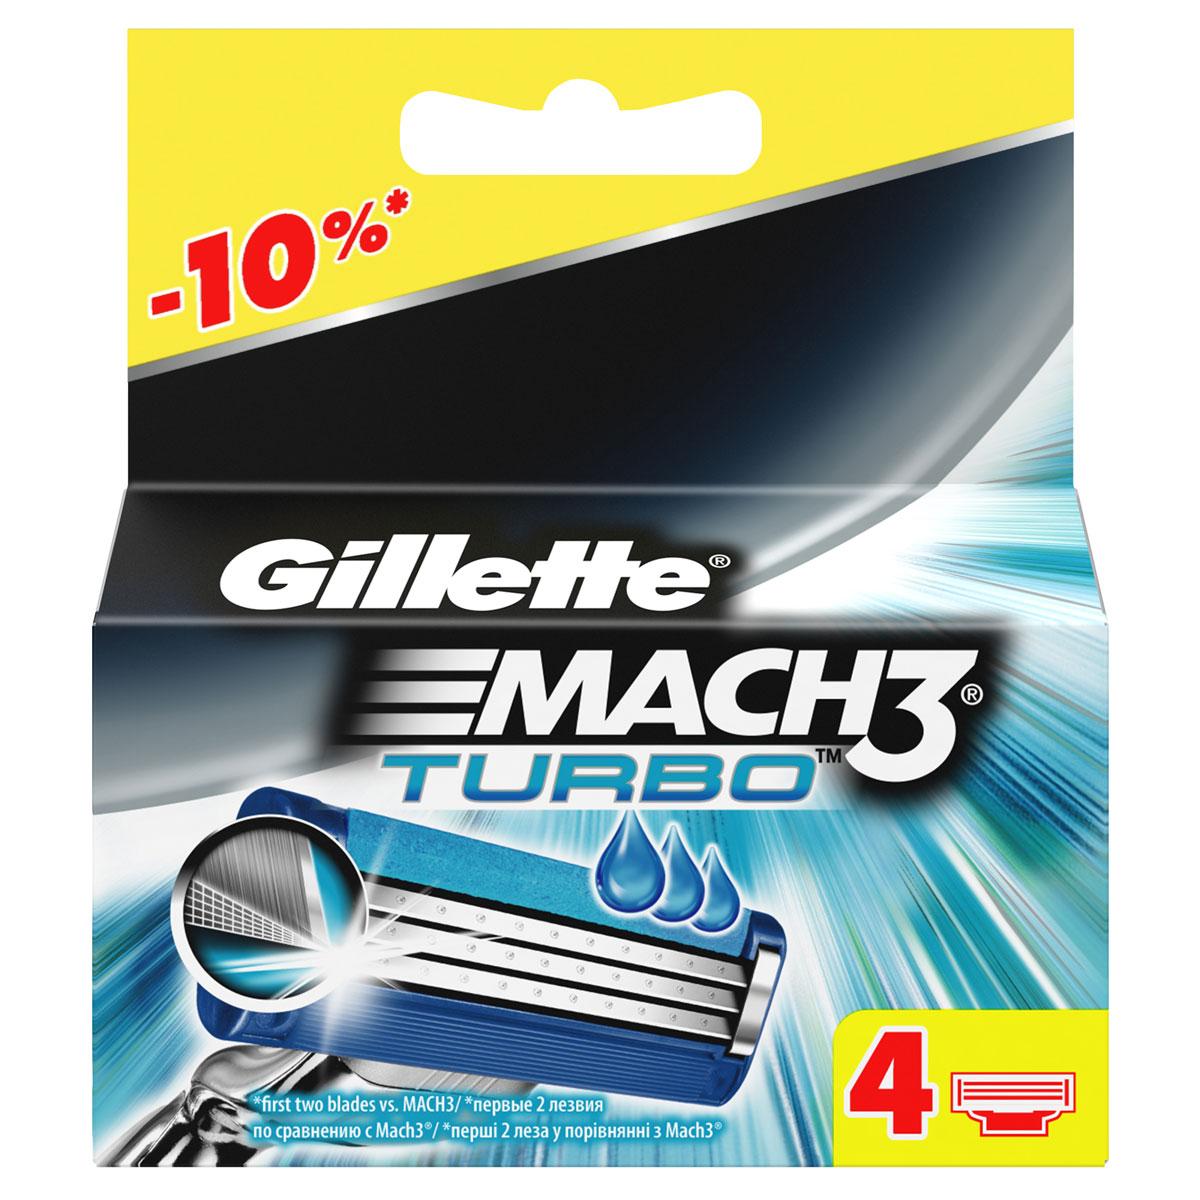 Gillette Сменные кассеты Mach3 Turbo, 4 штMCT-13284677Новые лезвия. Острее, чем одноразоваябритва. Бреет без раздражения. Даже 10-ое бритье Mach3 комфортнее 1-го одноразовой бритвой. Совершенствуй процесс бритья с бритвой Mach3! Gillette Mach3 Turbo имеет более острые лезвия (первые два лезвия в сравнении с Mach3) и обеспечивает гладкое бритье без раздражения по сравнению одноразовыми бритвами Bluell Plus. Лезвия Turbo легче срезают щетину, не тянут и не дергают волоски (первые два лезвия в сравнении с Mach3), даря вам невероятный комфорт. В то же время гелевая полоска Comfort помогает сохранить дольшевашу бритву Mach3 Turbo и мягко скользит по коже (по сравнению с одноразовыми бритвенными станками Bluell Plus). Этот станок имеет вдвое больше микрогребней SkinGuard для мягкости бритья (по сравнению с одноразовыми бритвенными станками Bluell Plus). Плавающая головка обеспечивает тесный контакт лезвий с кожей, рукоятка с регулировкой нажатия адаптируется к контурам лица для более легкого и комфортного бритья (по сравнению с одноразовыми бритвенными станками Blueell Plus). Даже десятое бритье Mach 3 комфортнее первого одноразовой бритвой (по сравнению с одноразовыми станками для бритья Bluell Plus). Первые два лезвия по сравнению с Gillette BlueII PlusПо сравнению с Gillette BlueII PlusСрок хранения – 5 лет. Страна производства – Польша. Характеристики:Материал: пластик, металл. Количество в упаковке: 4 шт. Производитель: Германия. Товар сертифицирован.